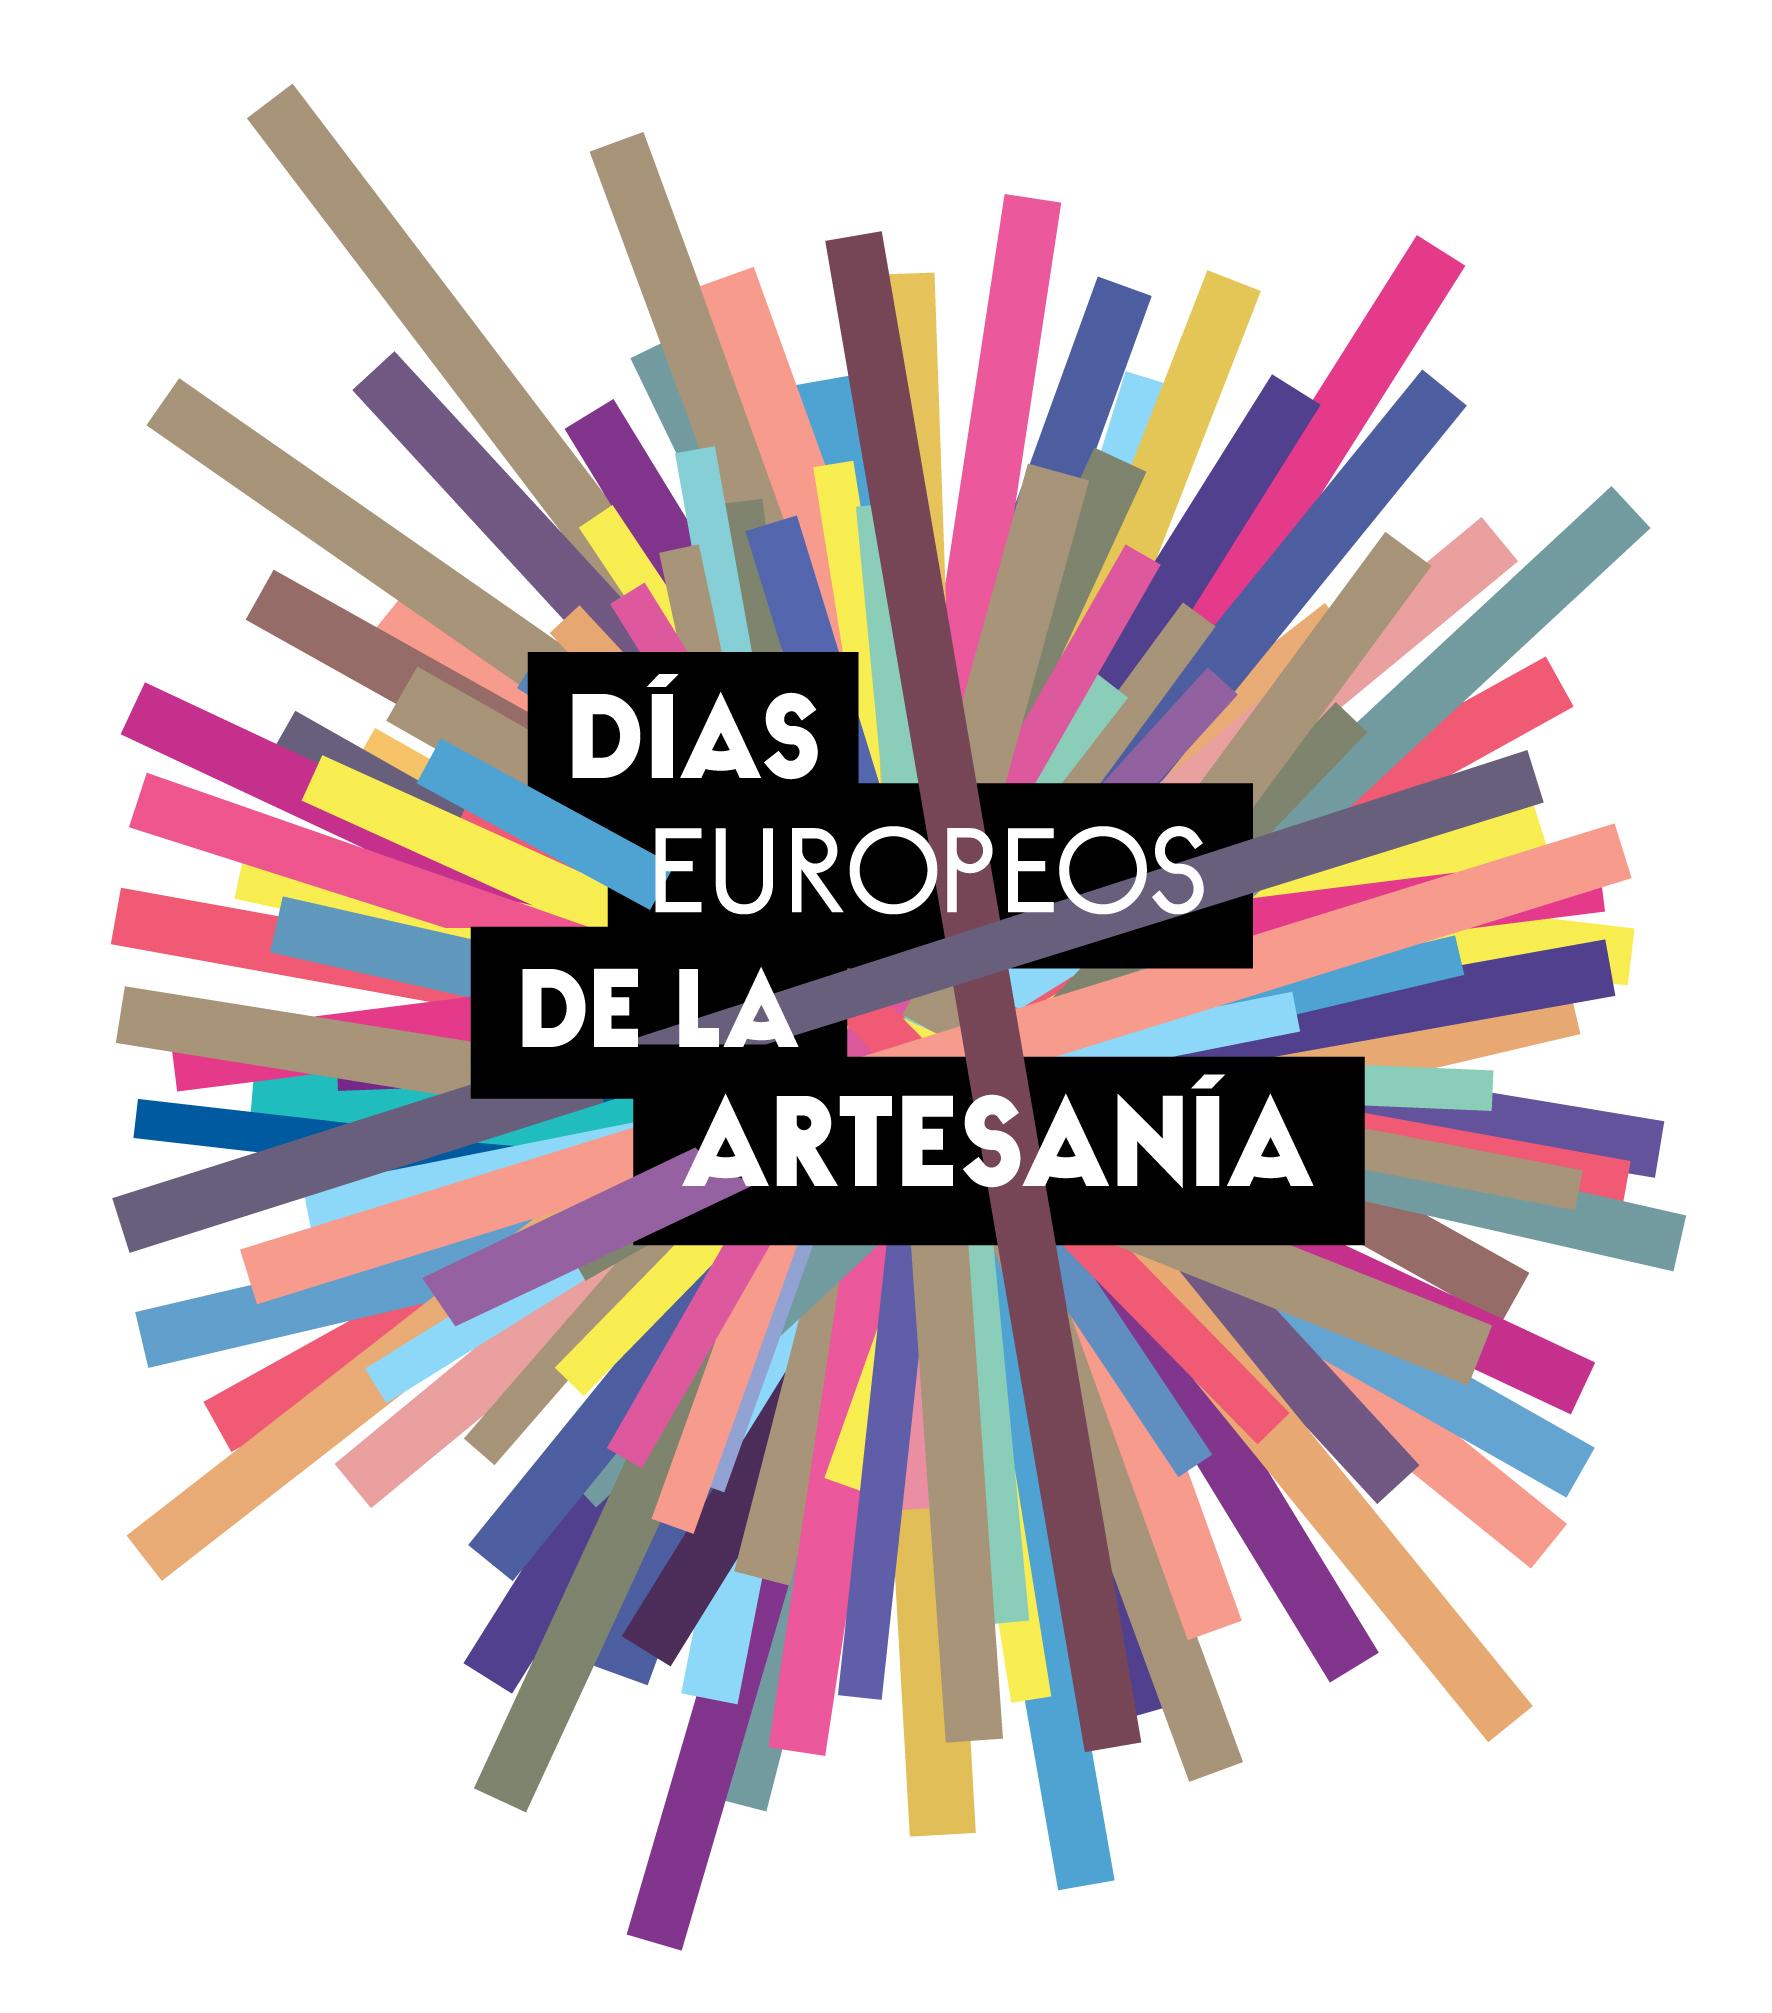 Los Días Europeos de la Artesanía de 2018 tendrán lugar del 6 al 8 de abril